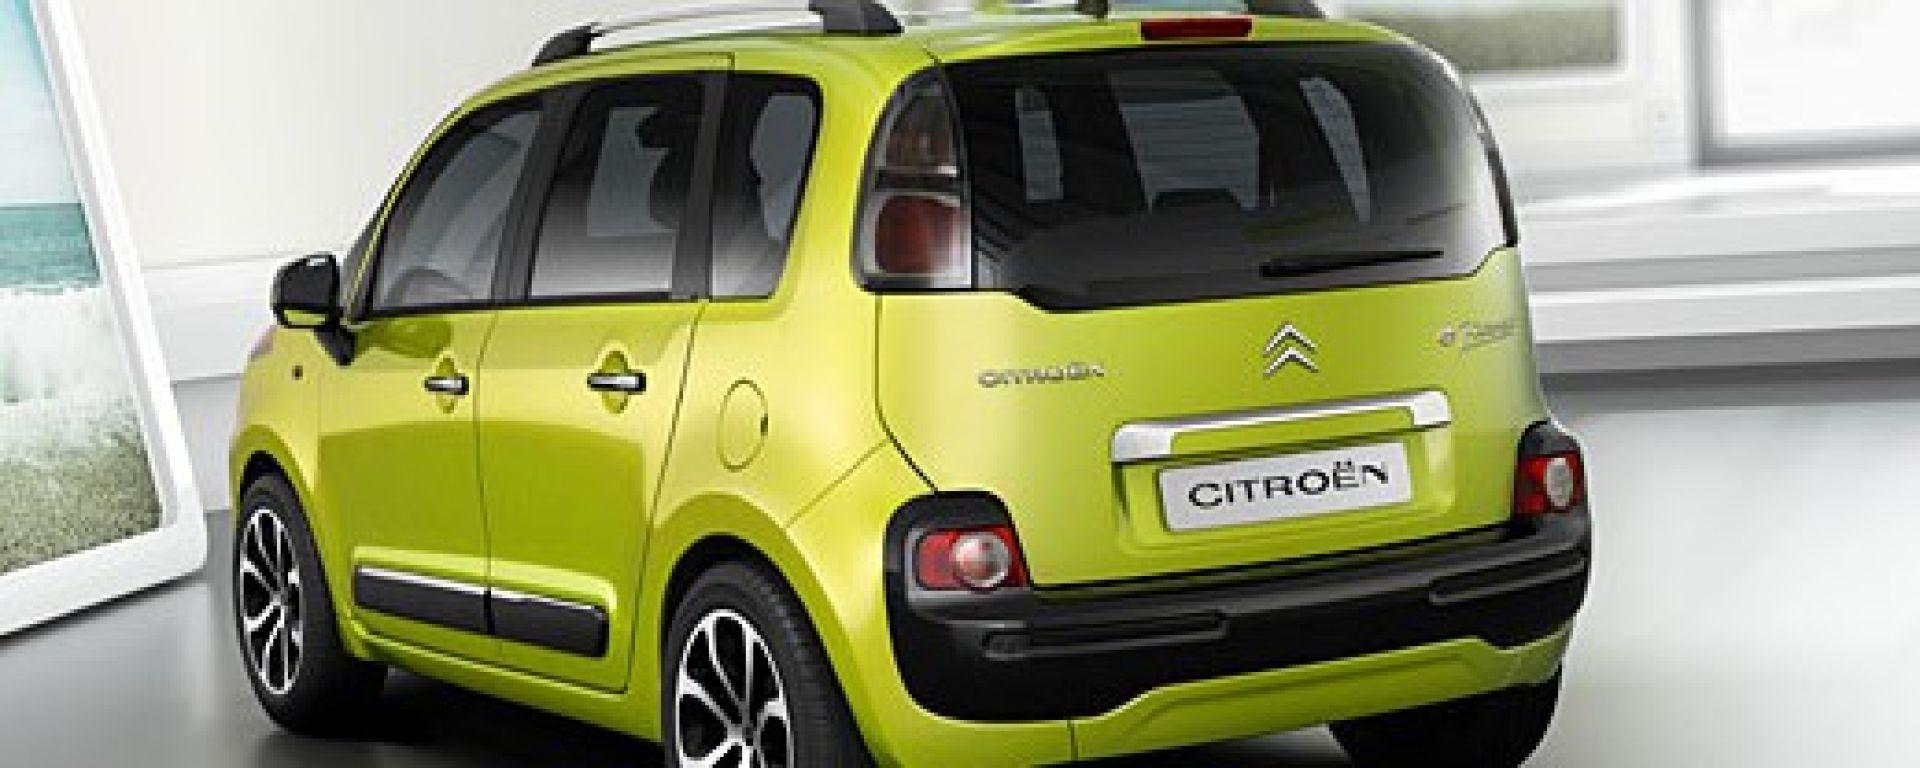 Citroën C3 Picasso Concept